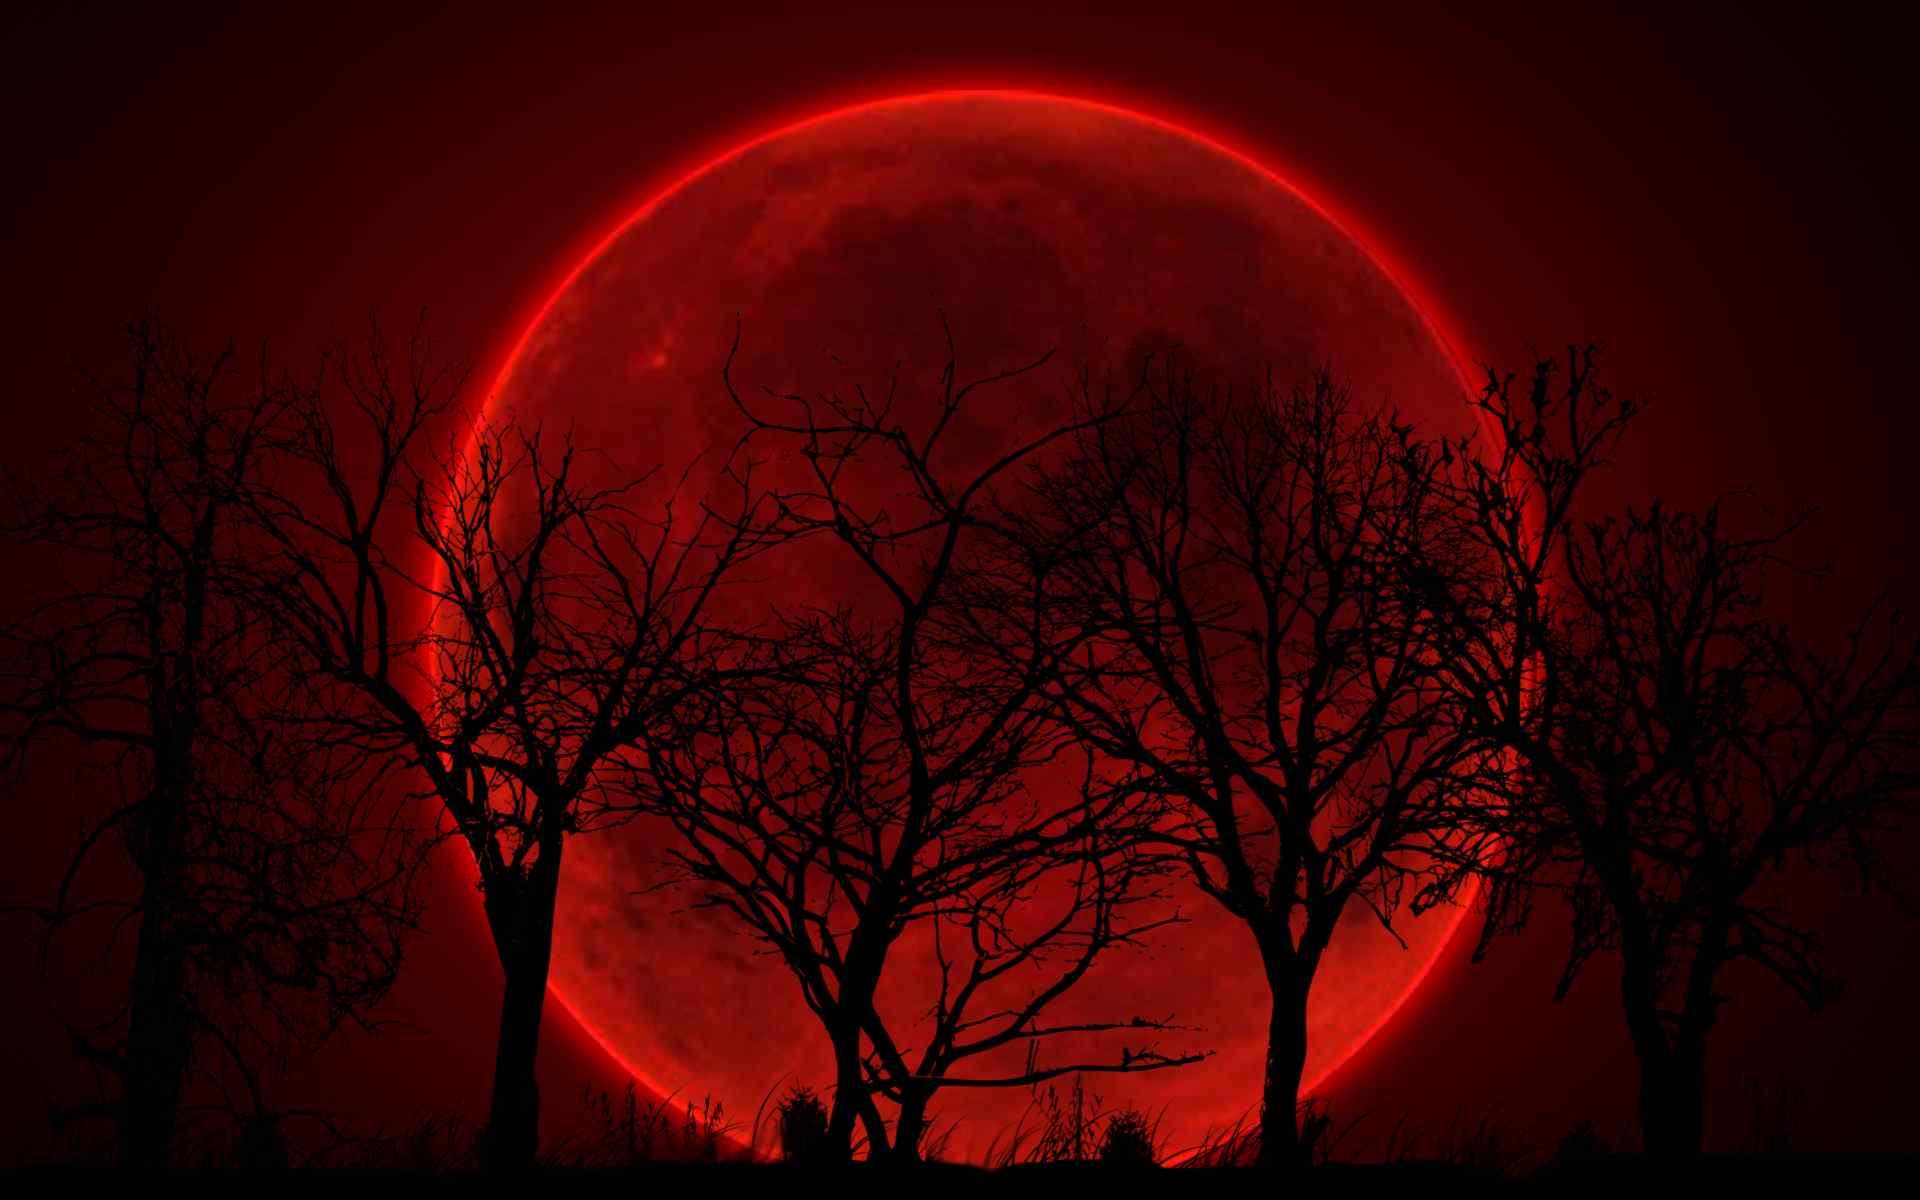 红色的超级月亮图片桌面壁纸